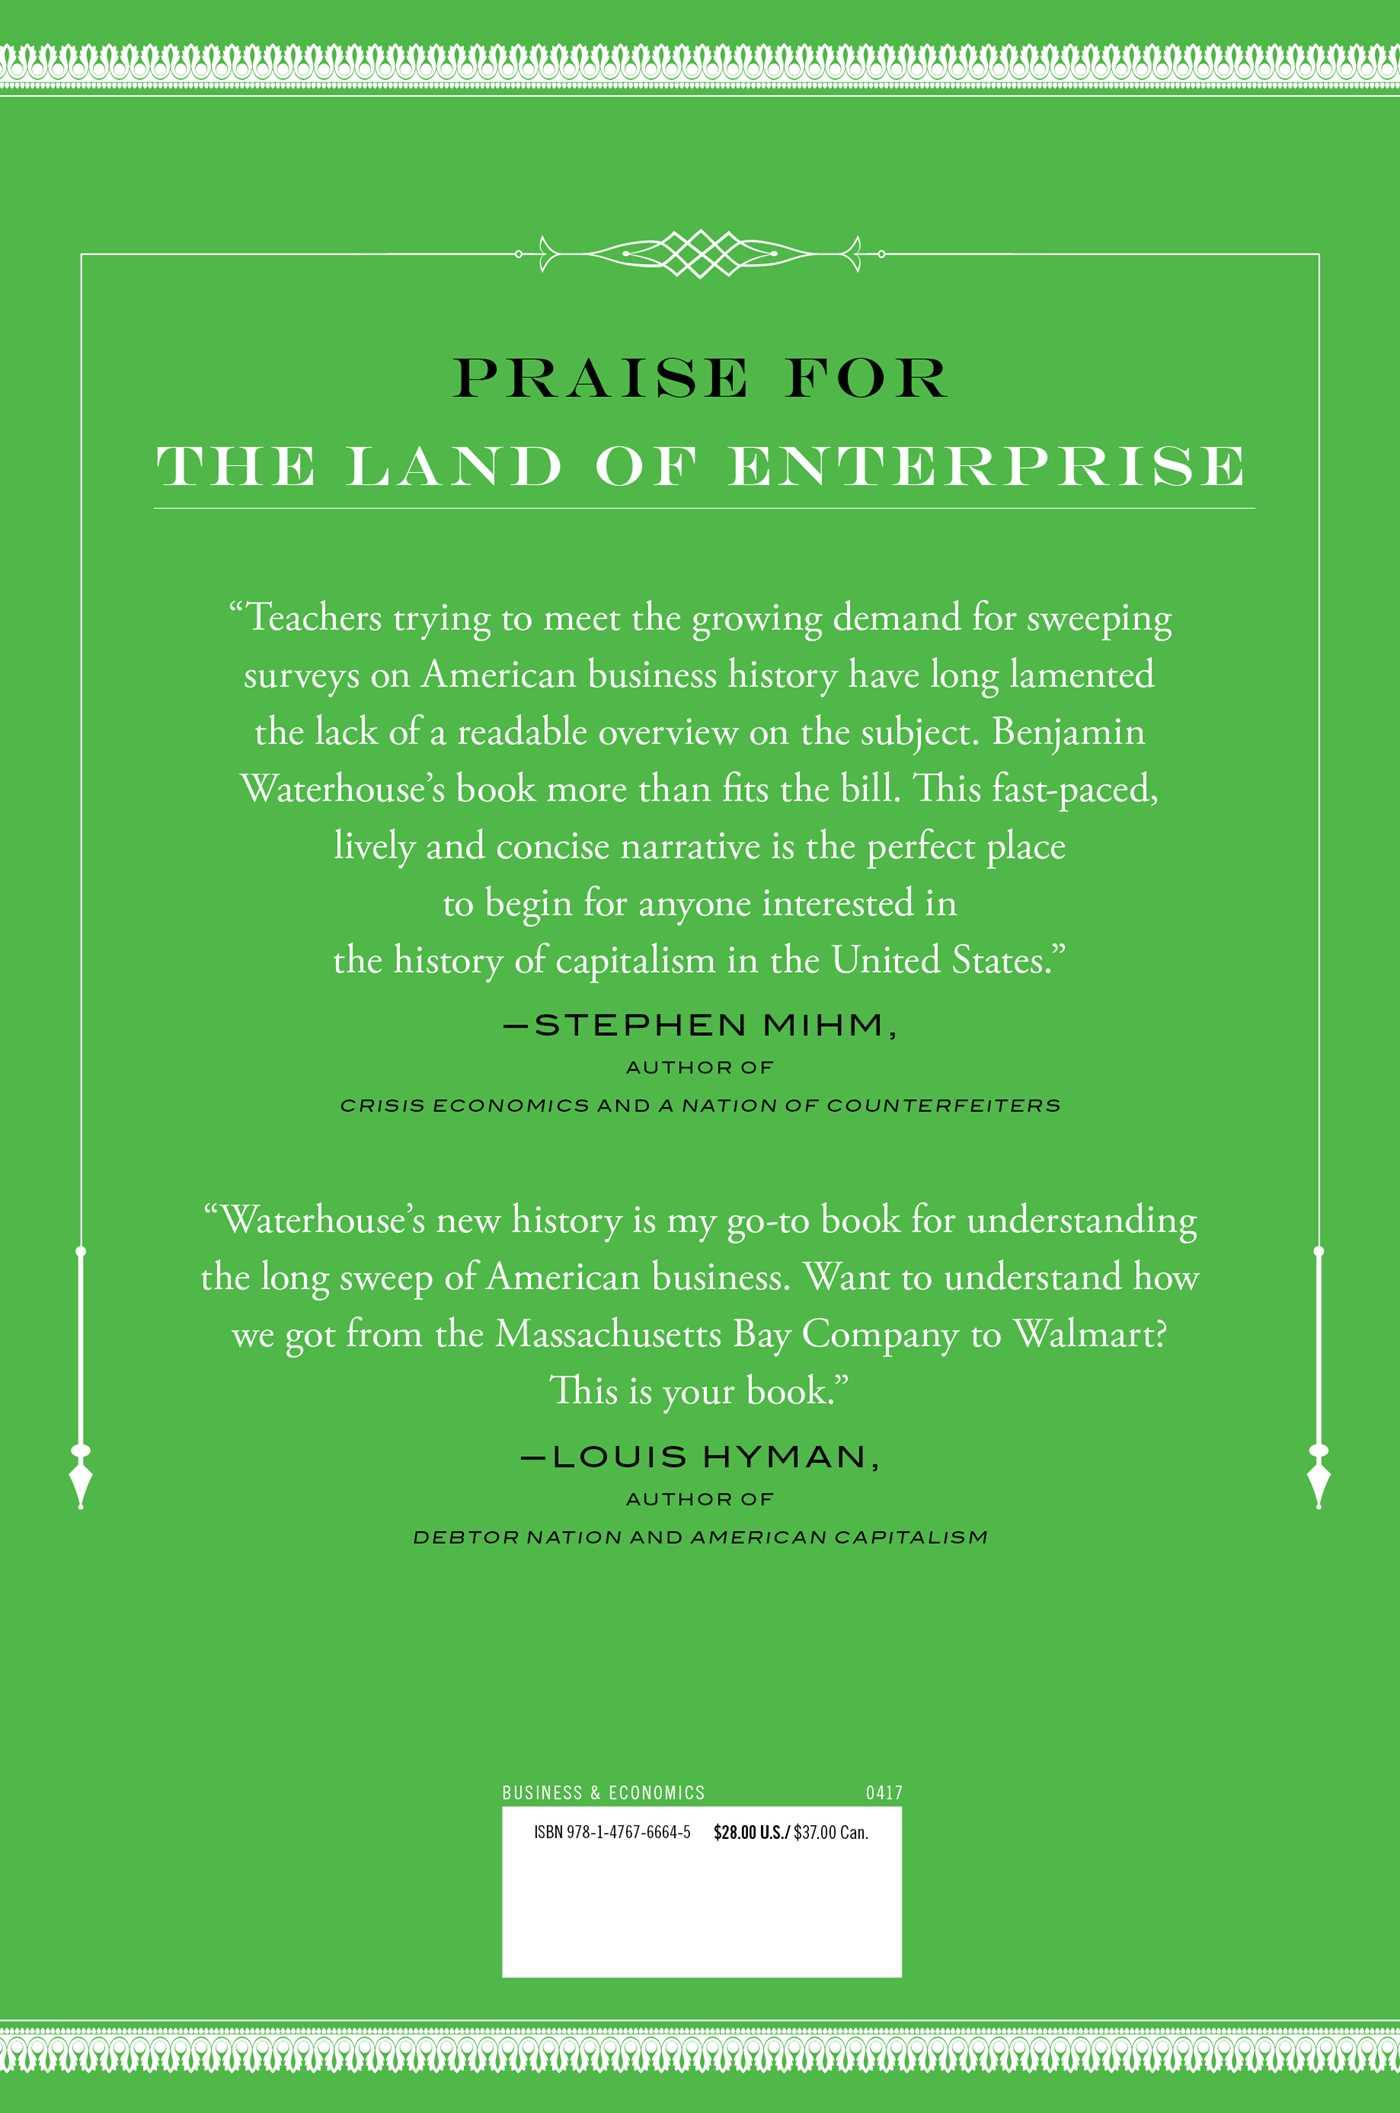 The land of enterprise 9781476766645 hr back